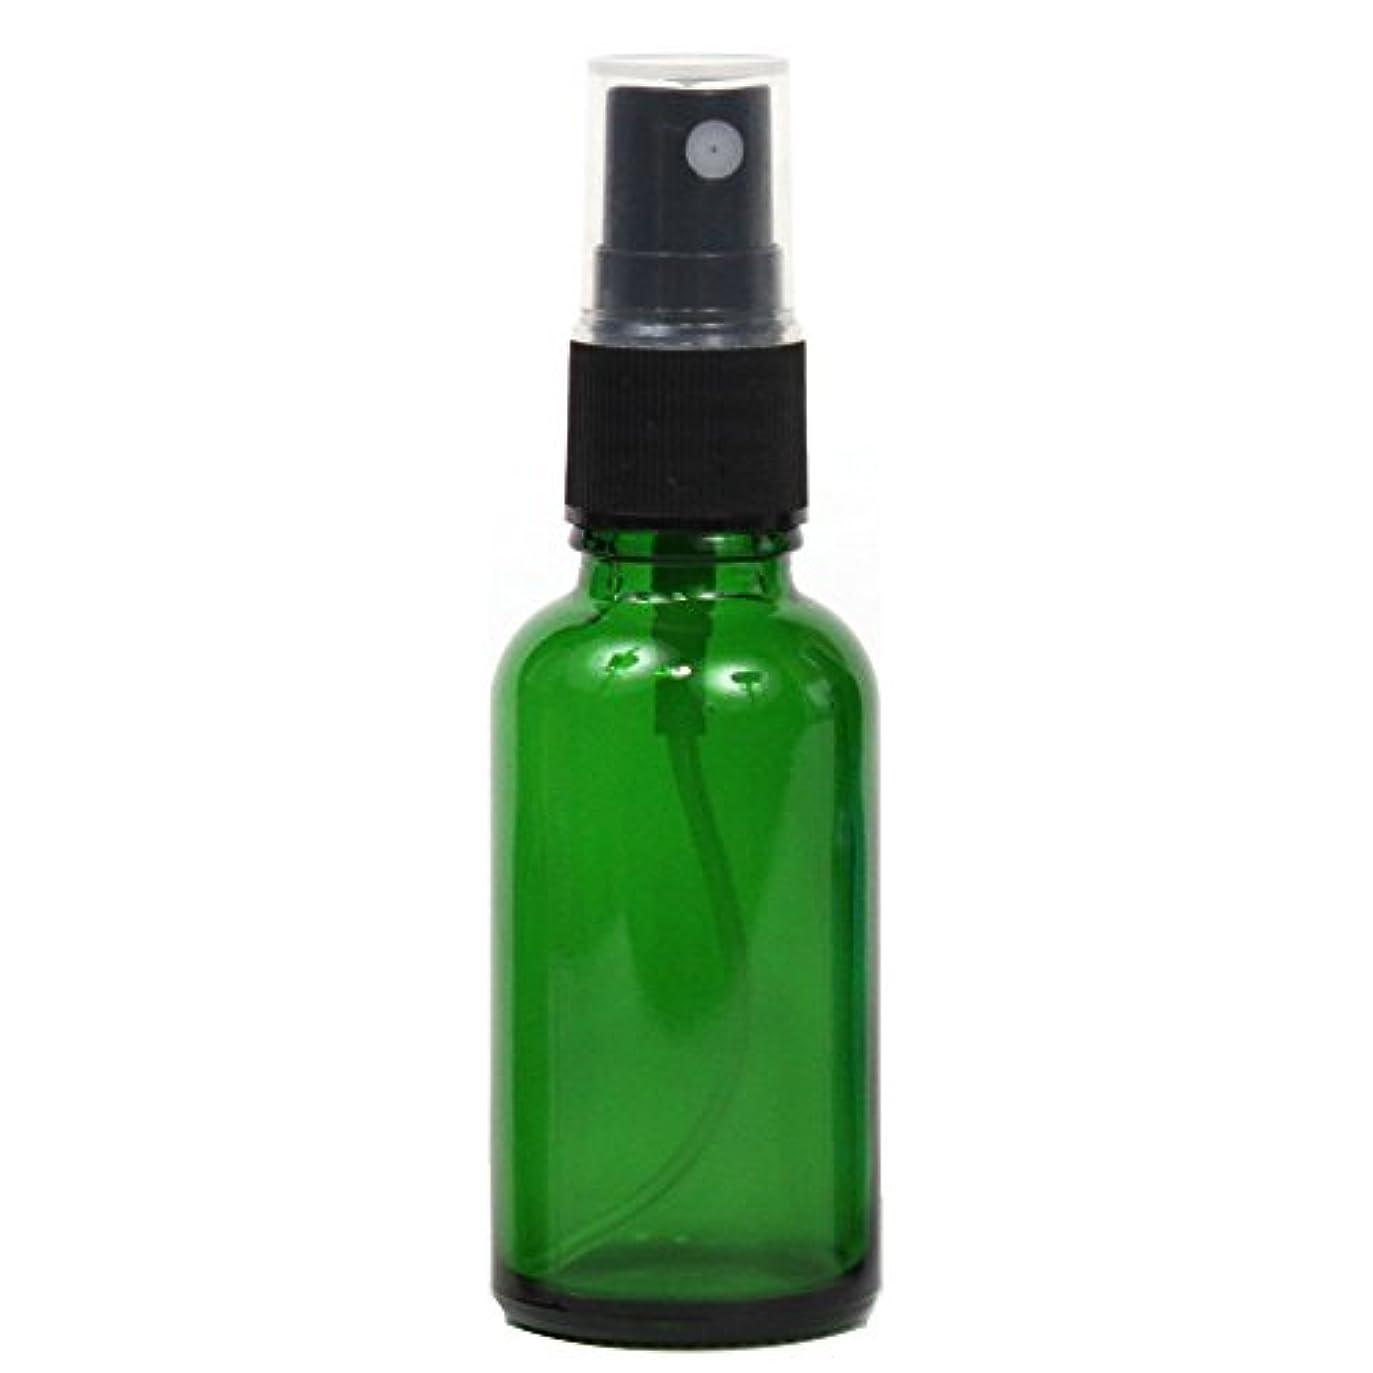 廊下プラカードそれによってスプレーボトル 30mL ガラス遮光性グリーン 瓶 空容器